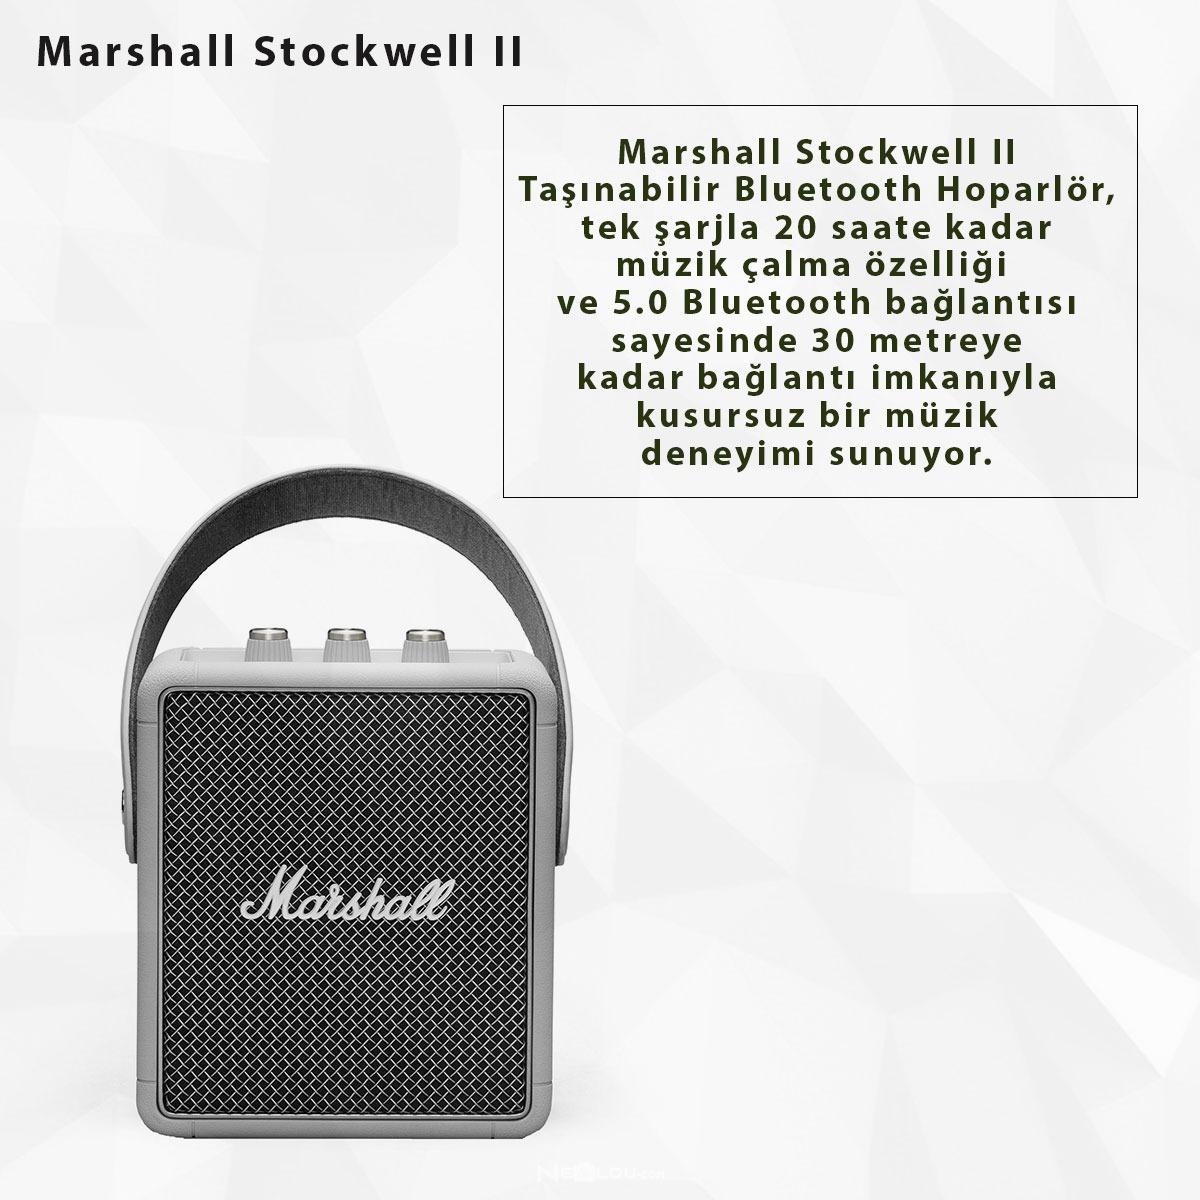 En İyi Bluetooth Hoparlör Modelleri